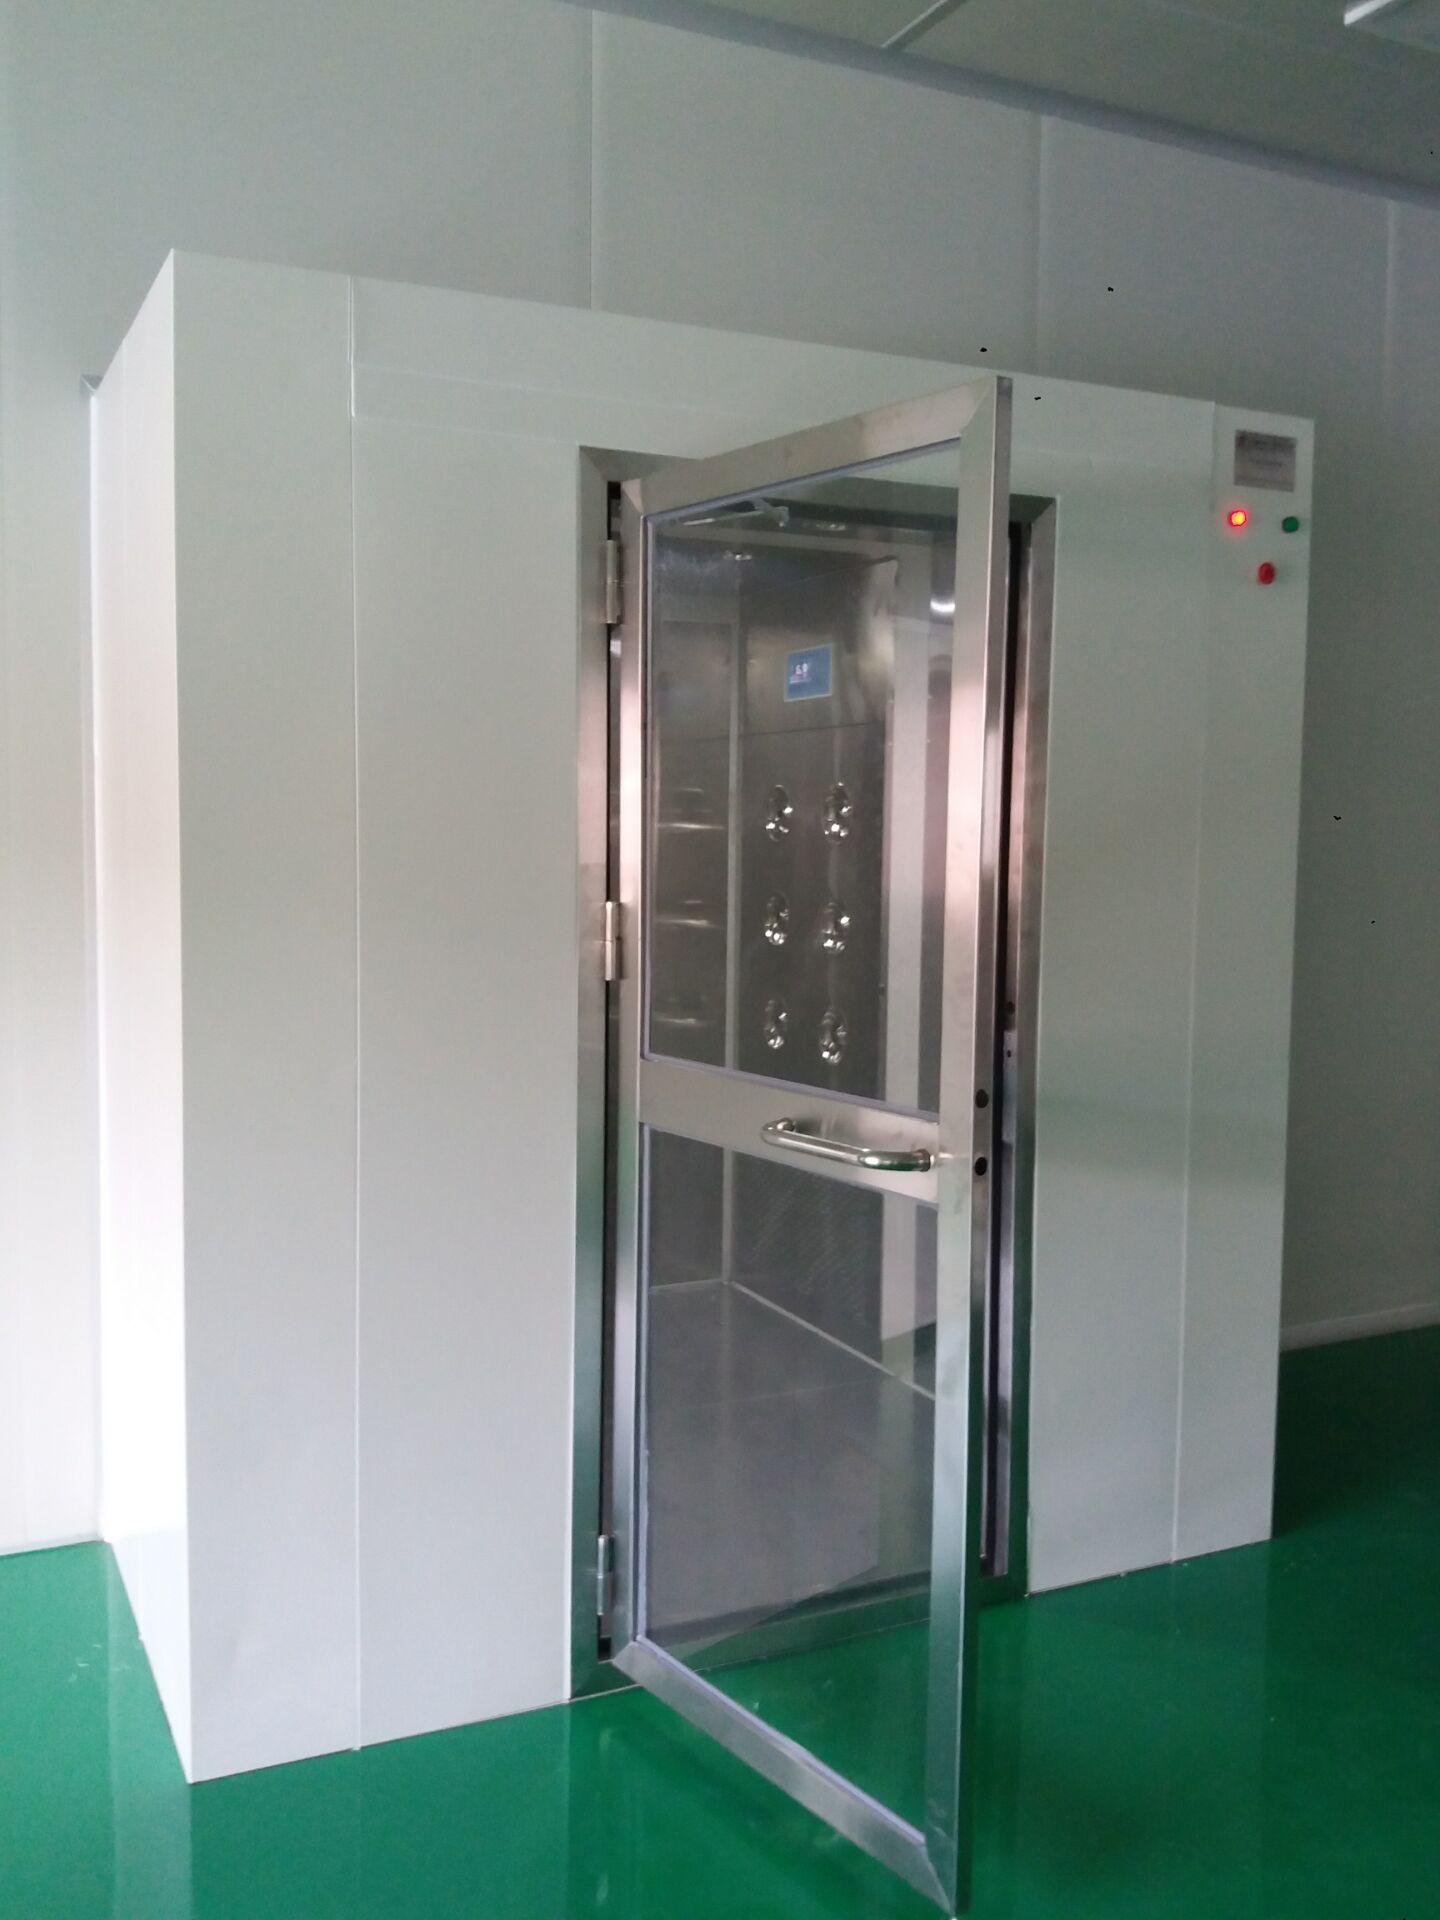 双门的互锁状态,风淋周期进度和延时开门状态.